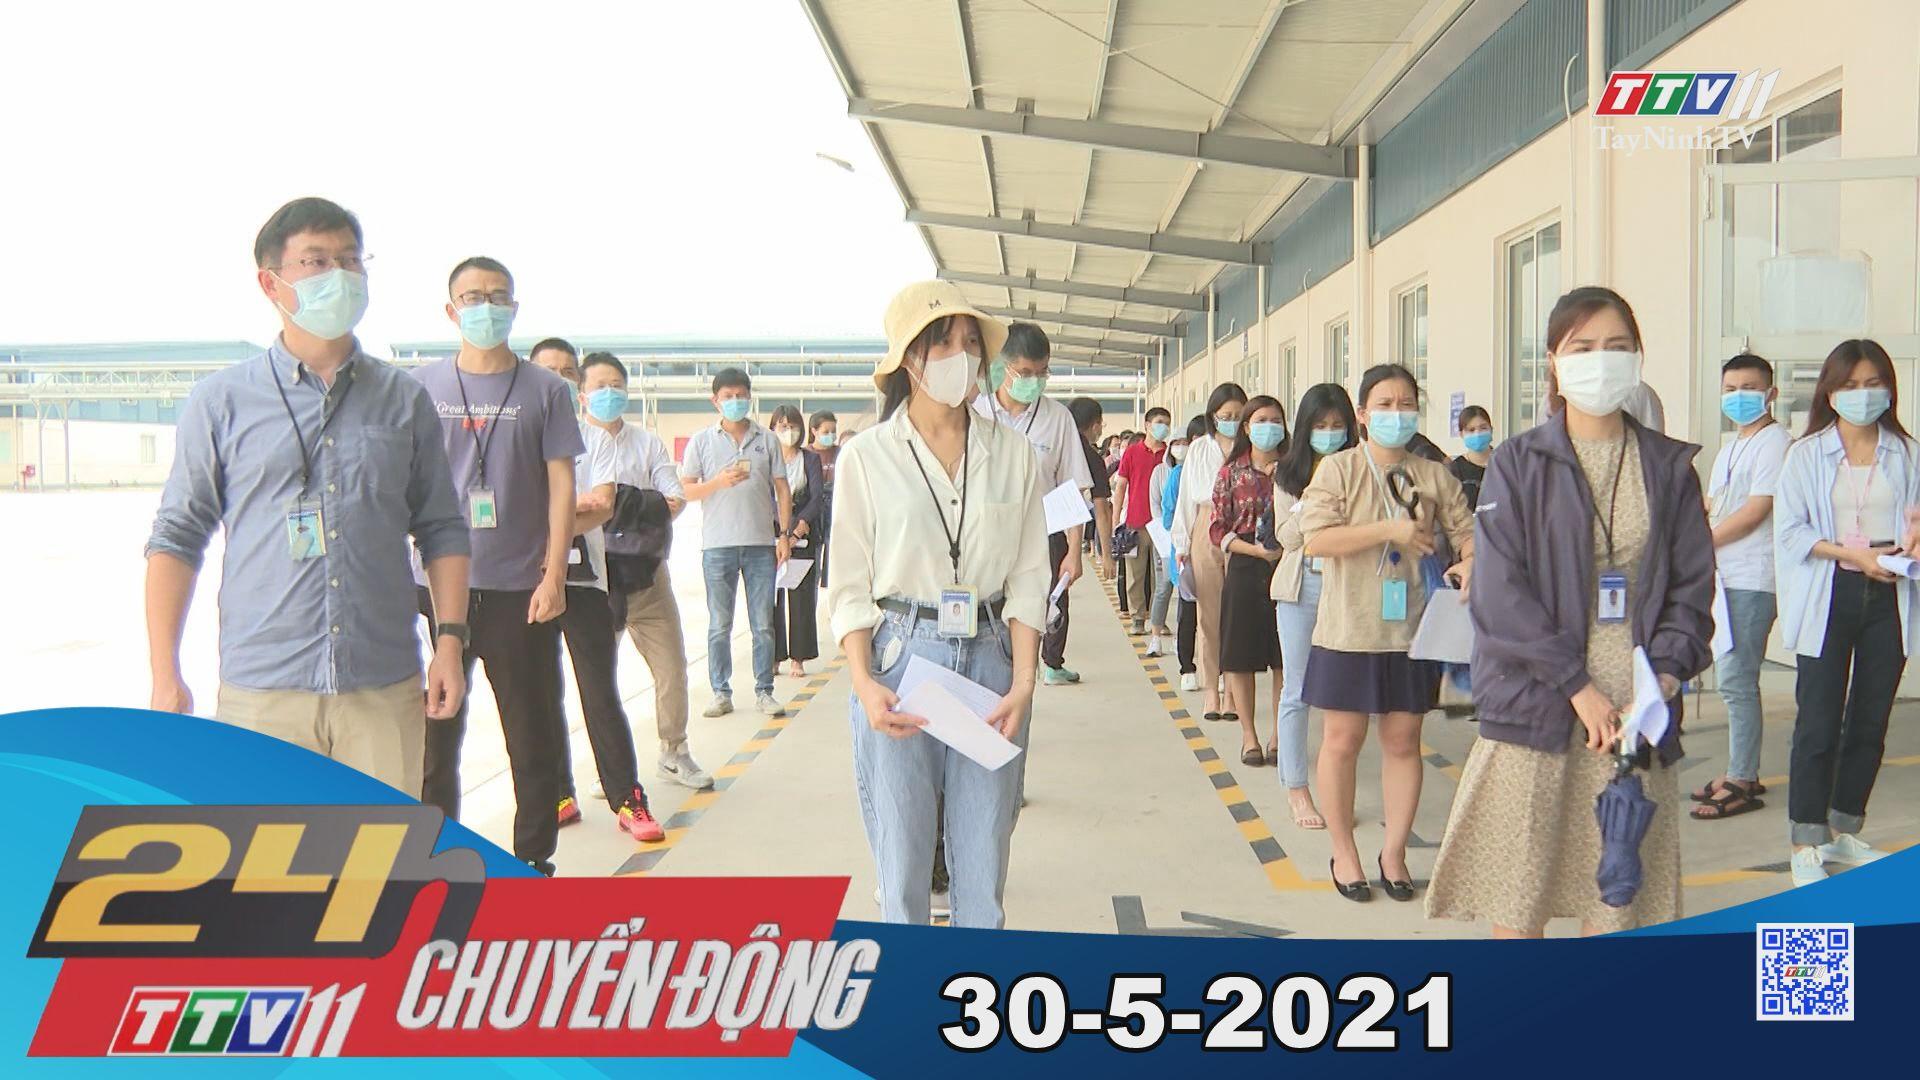 24h Chuyển động 30-5-2021 | Tin tức hôm nay | TayNinhTV